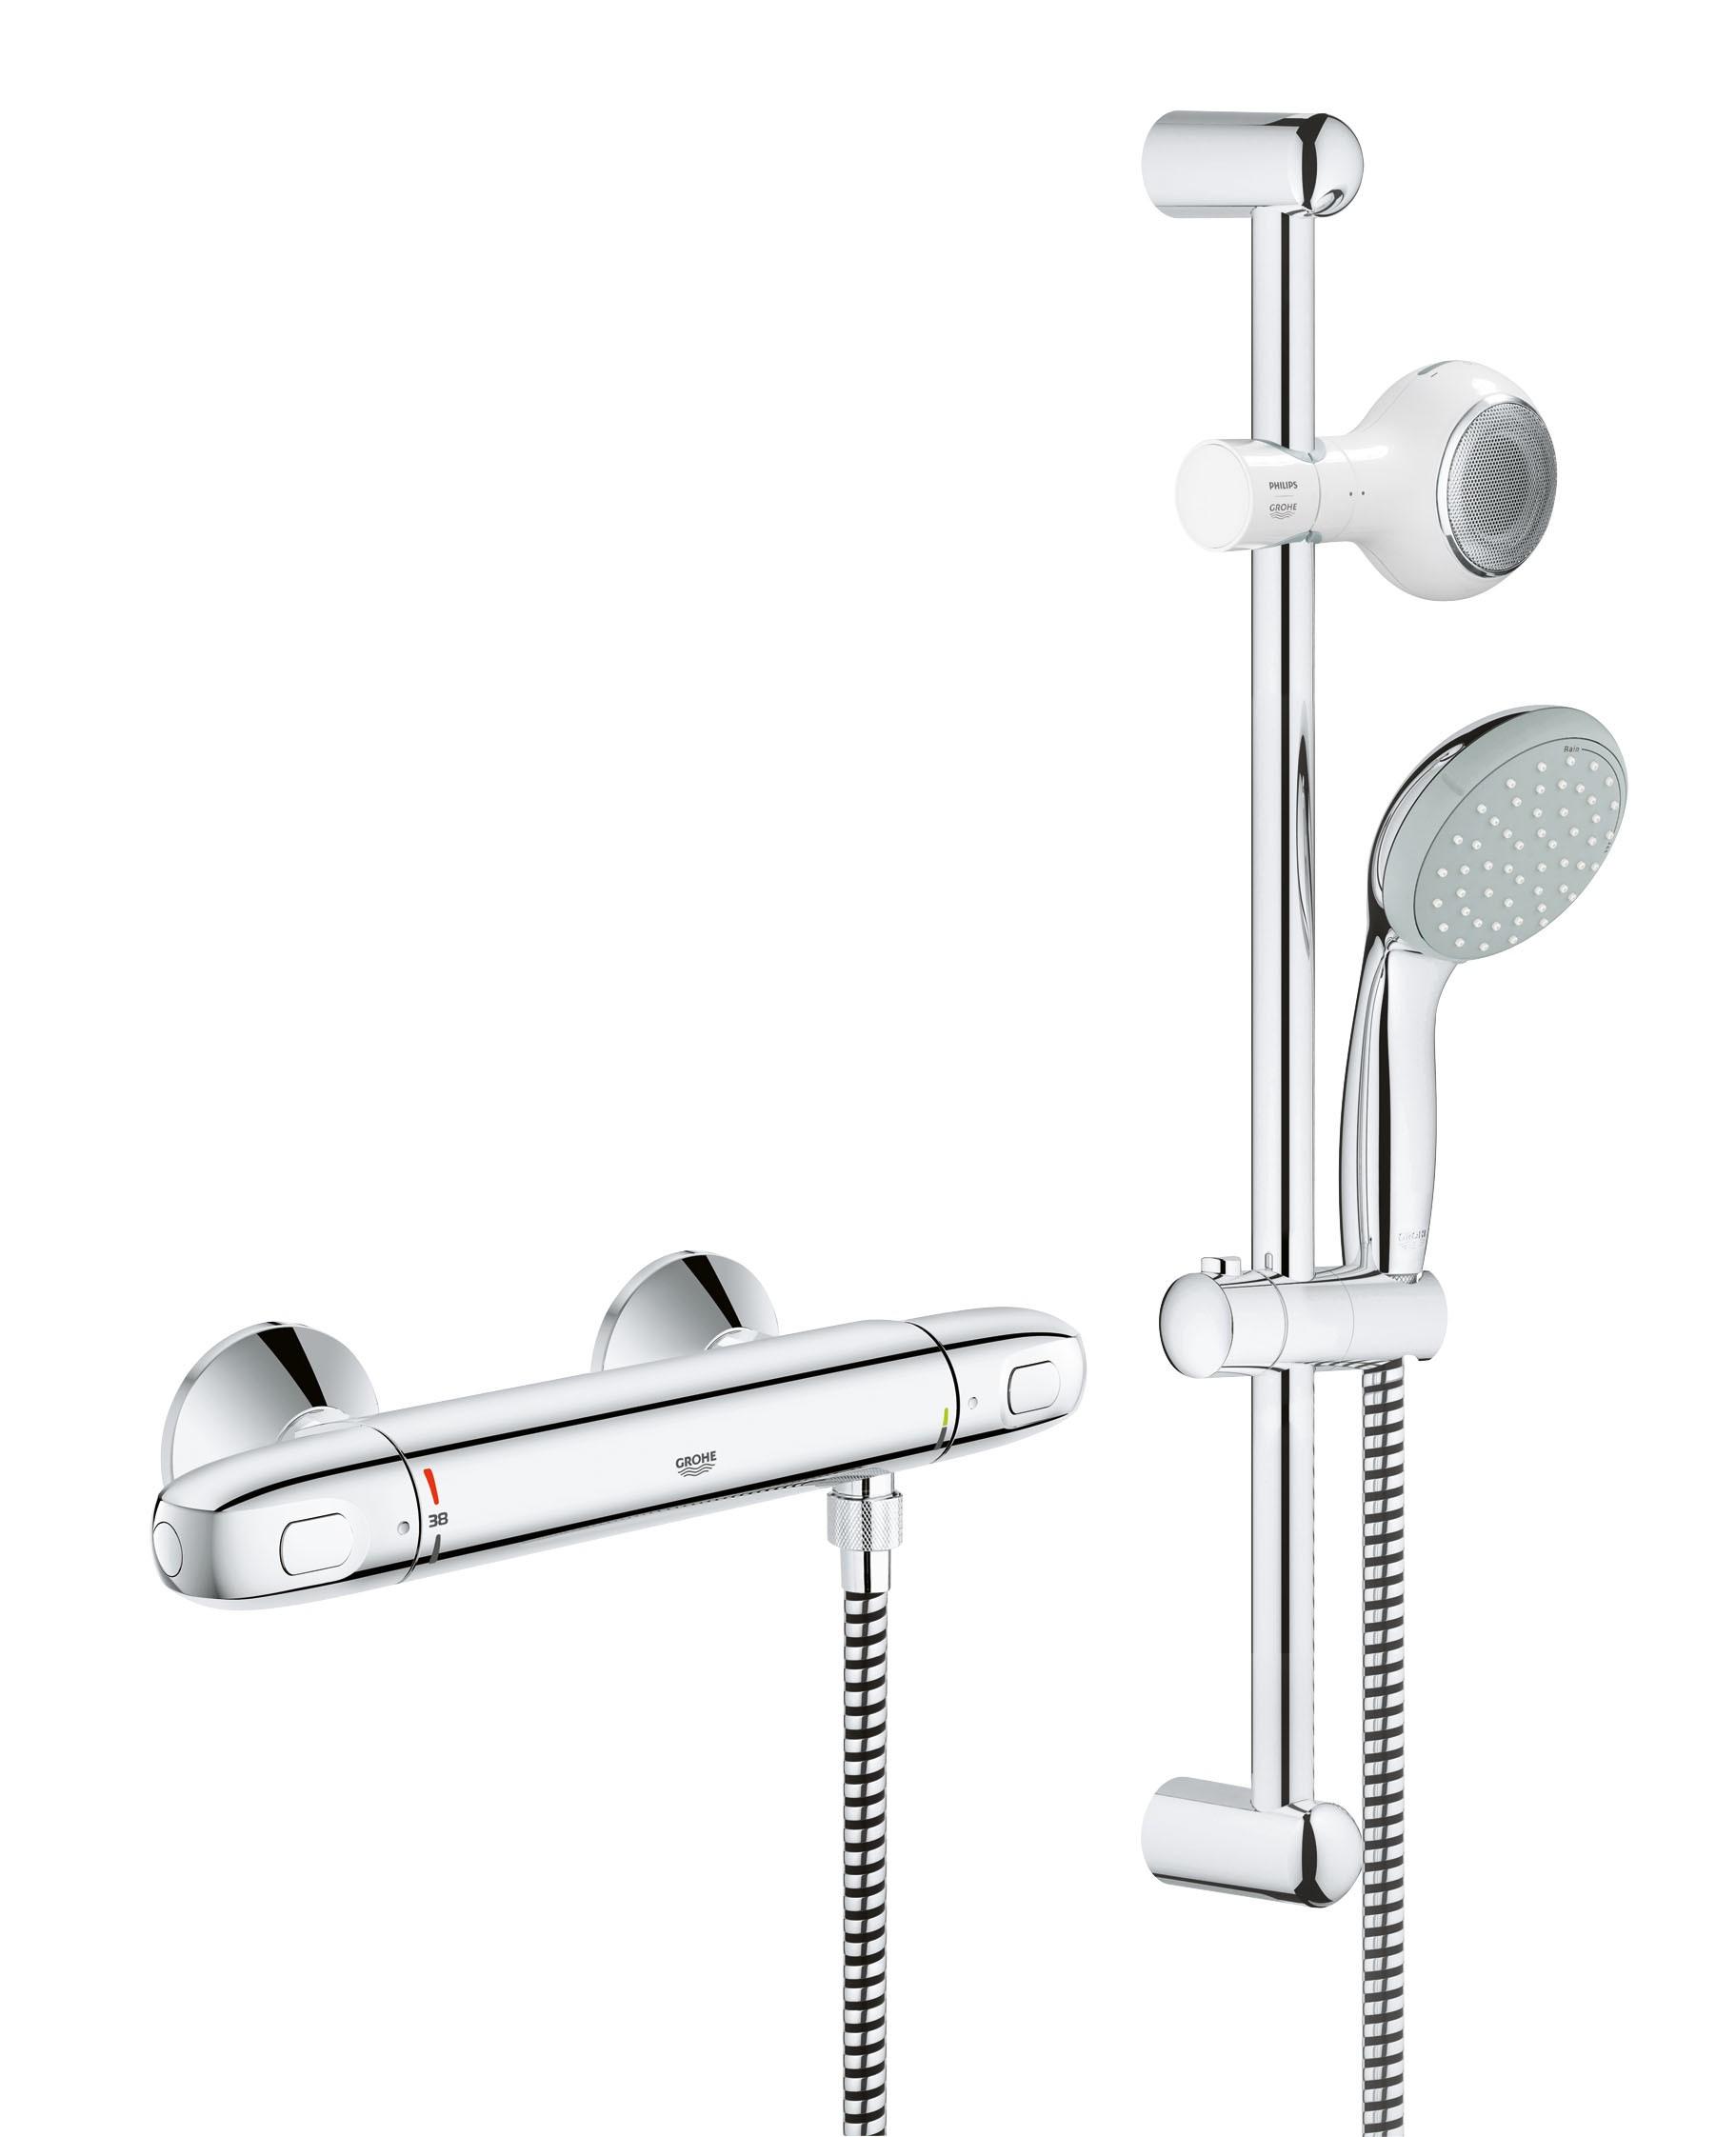 Grohe 34588000 Grohtherm 1000 New с душевым гарнитуром и акустической системой Aquatunes, хром (34588000)